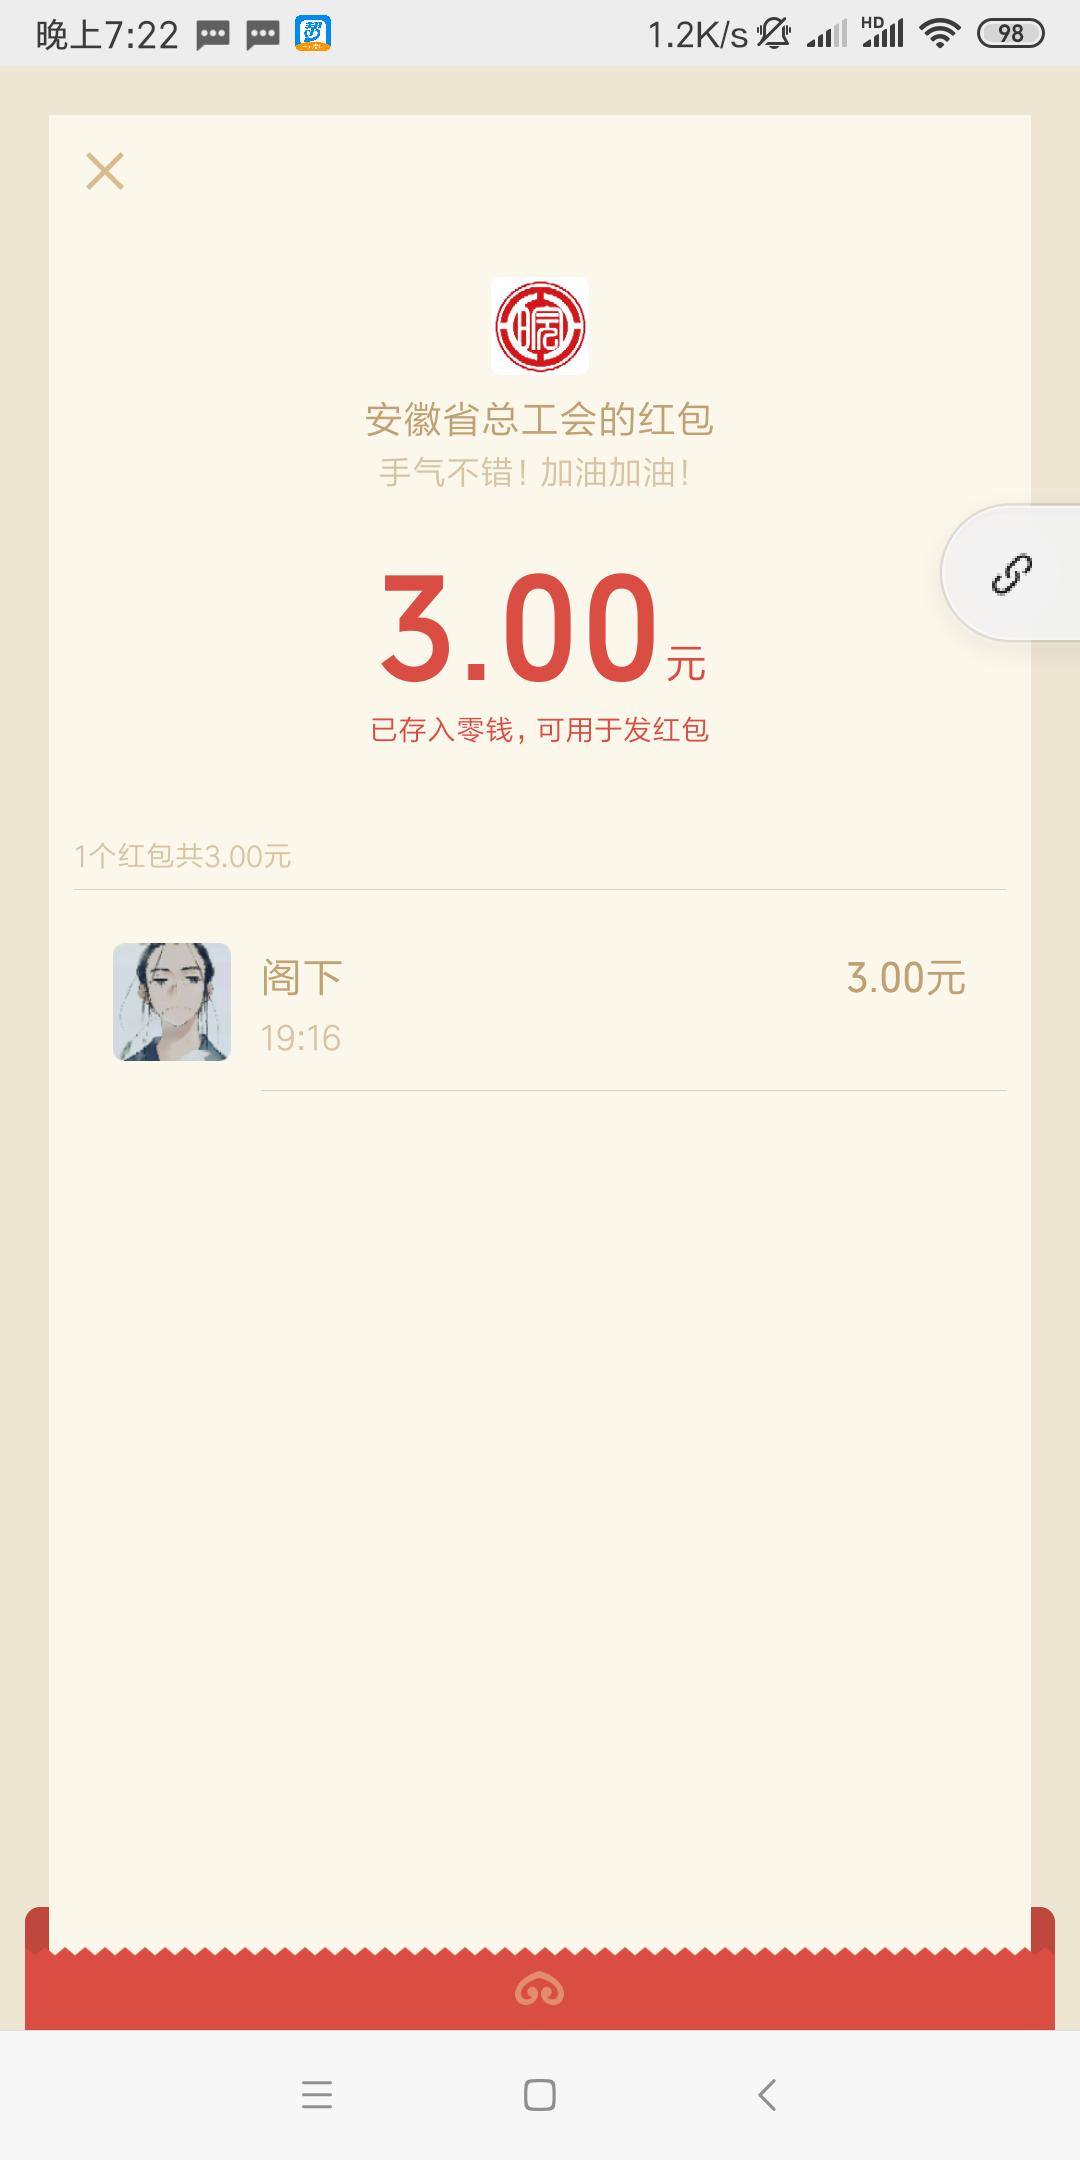 安徽省总工会秒领红包